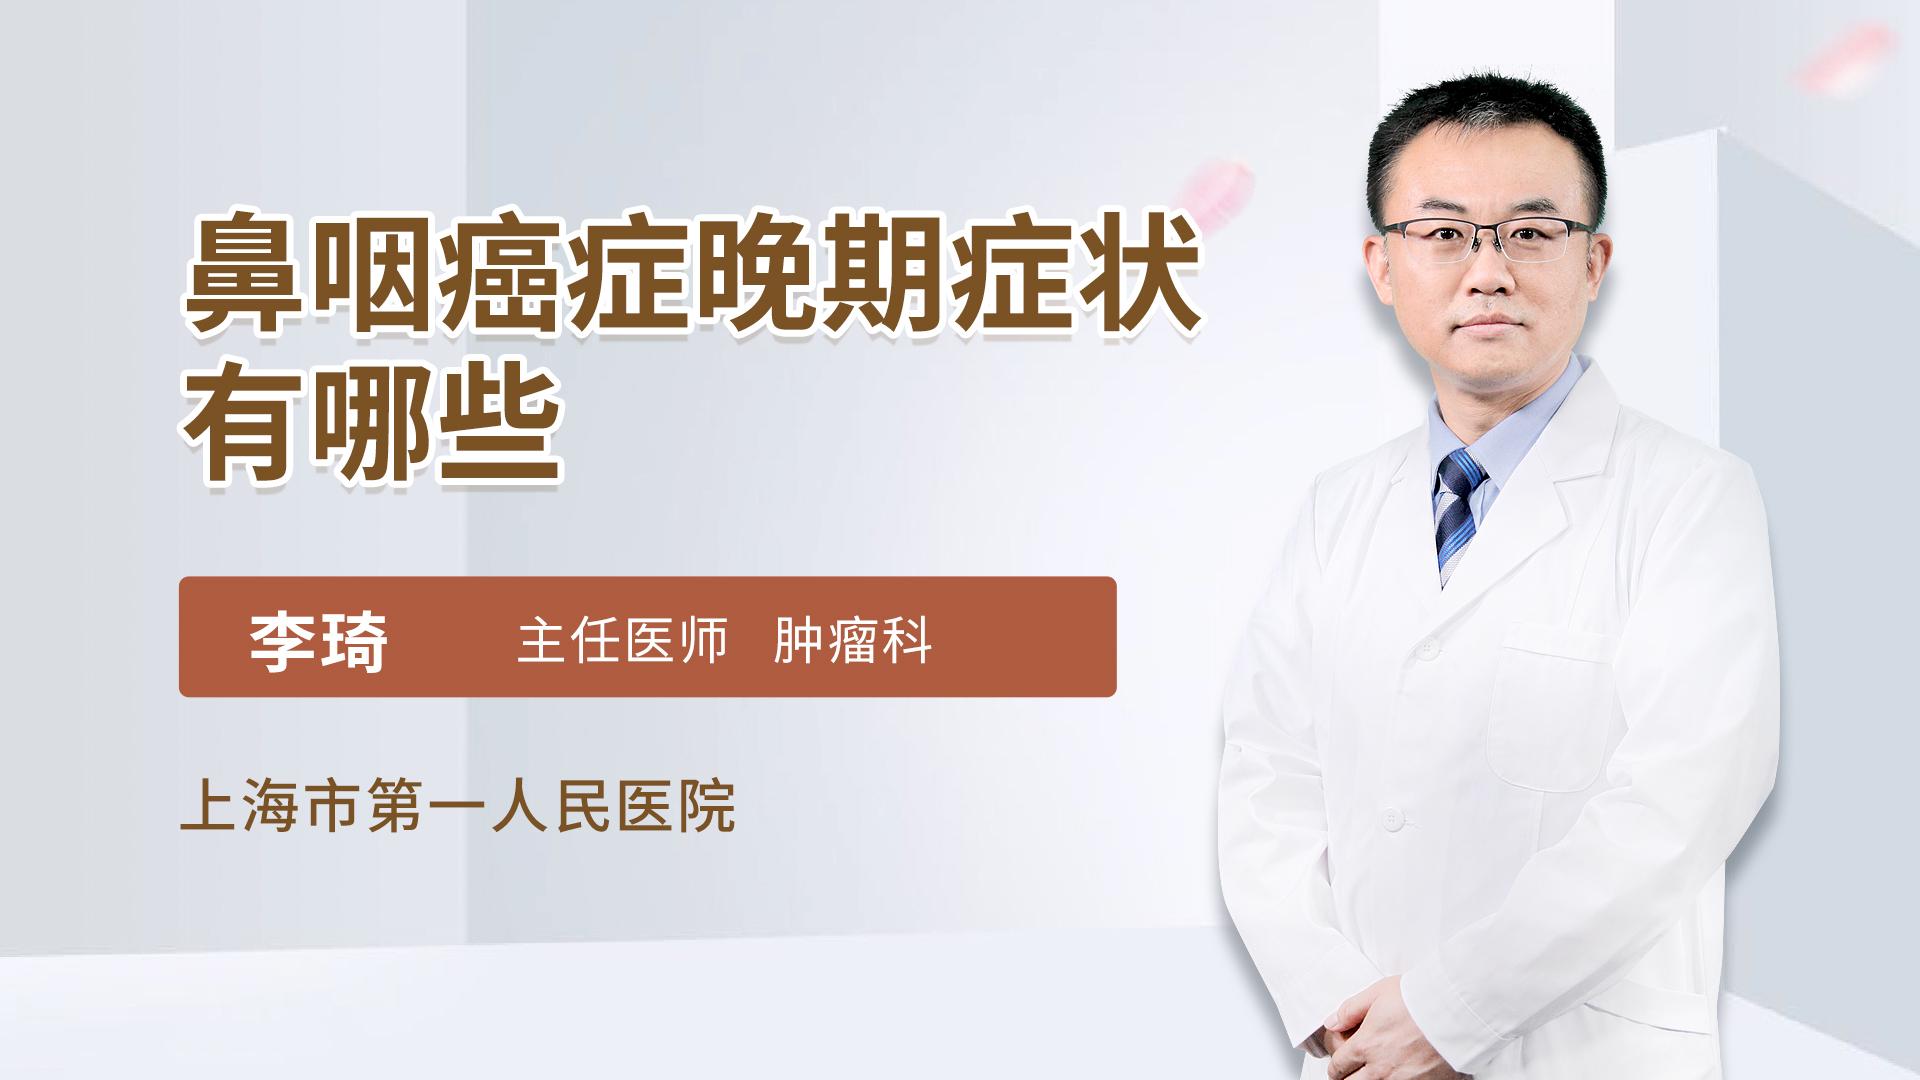 鼻咽癌症晚期症状有哪些